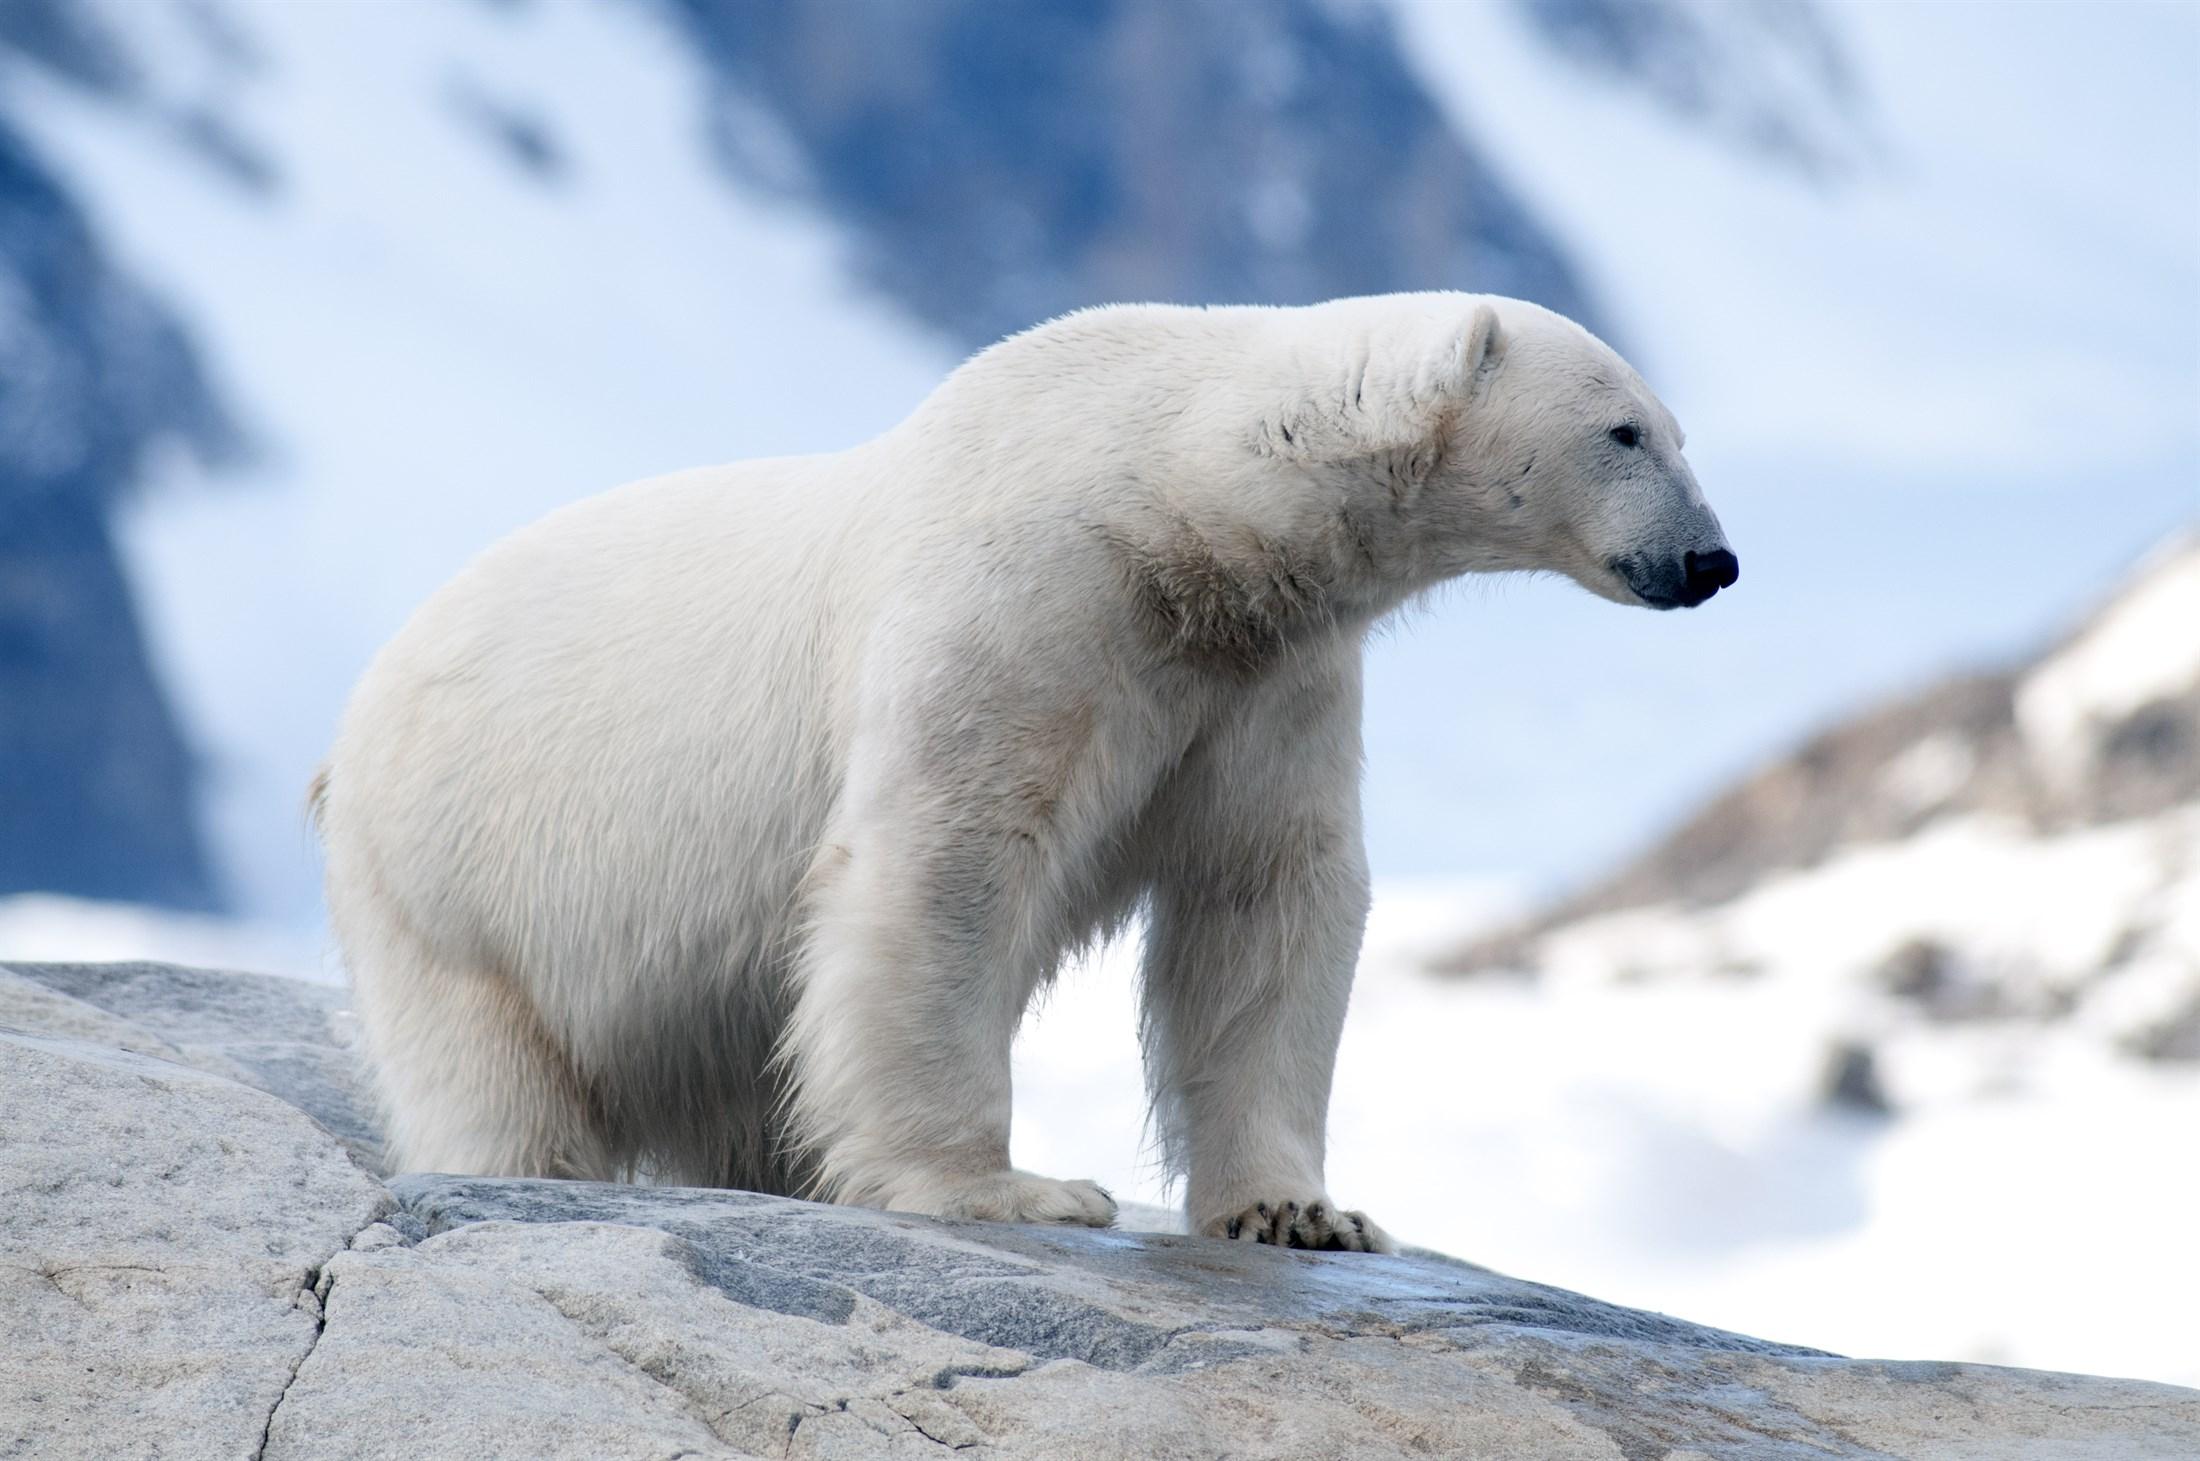 polar-bear-ursus-maritimus-northwest-spitsbergen-national-park-svalbard_1f47-2200x1461px